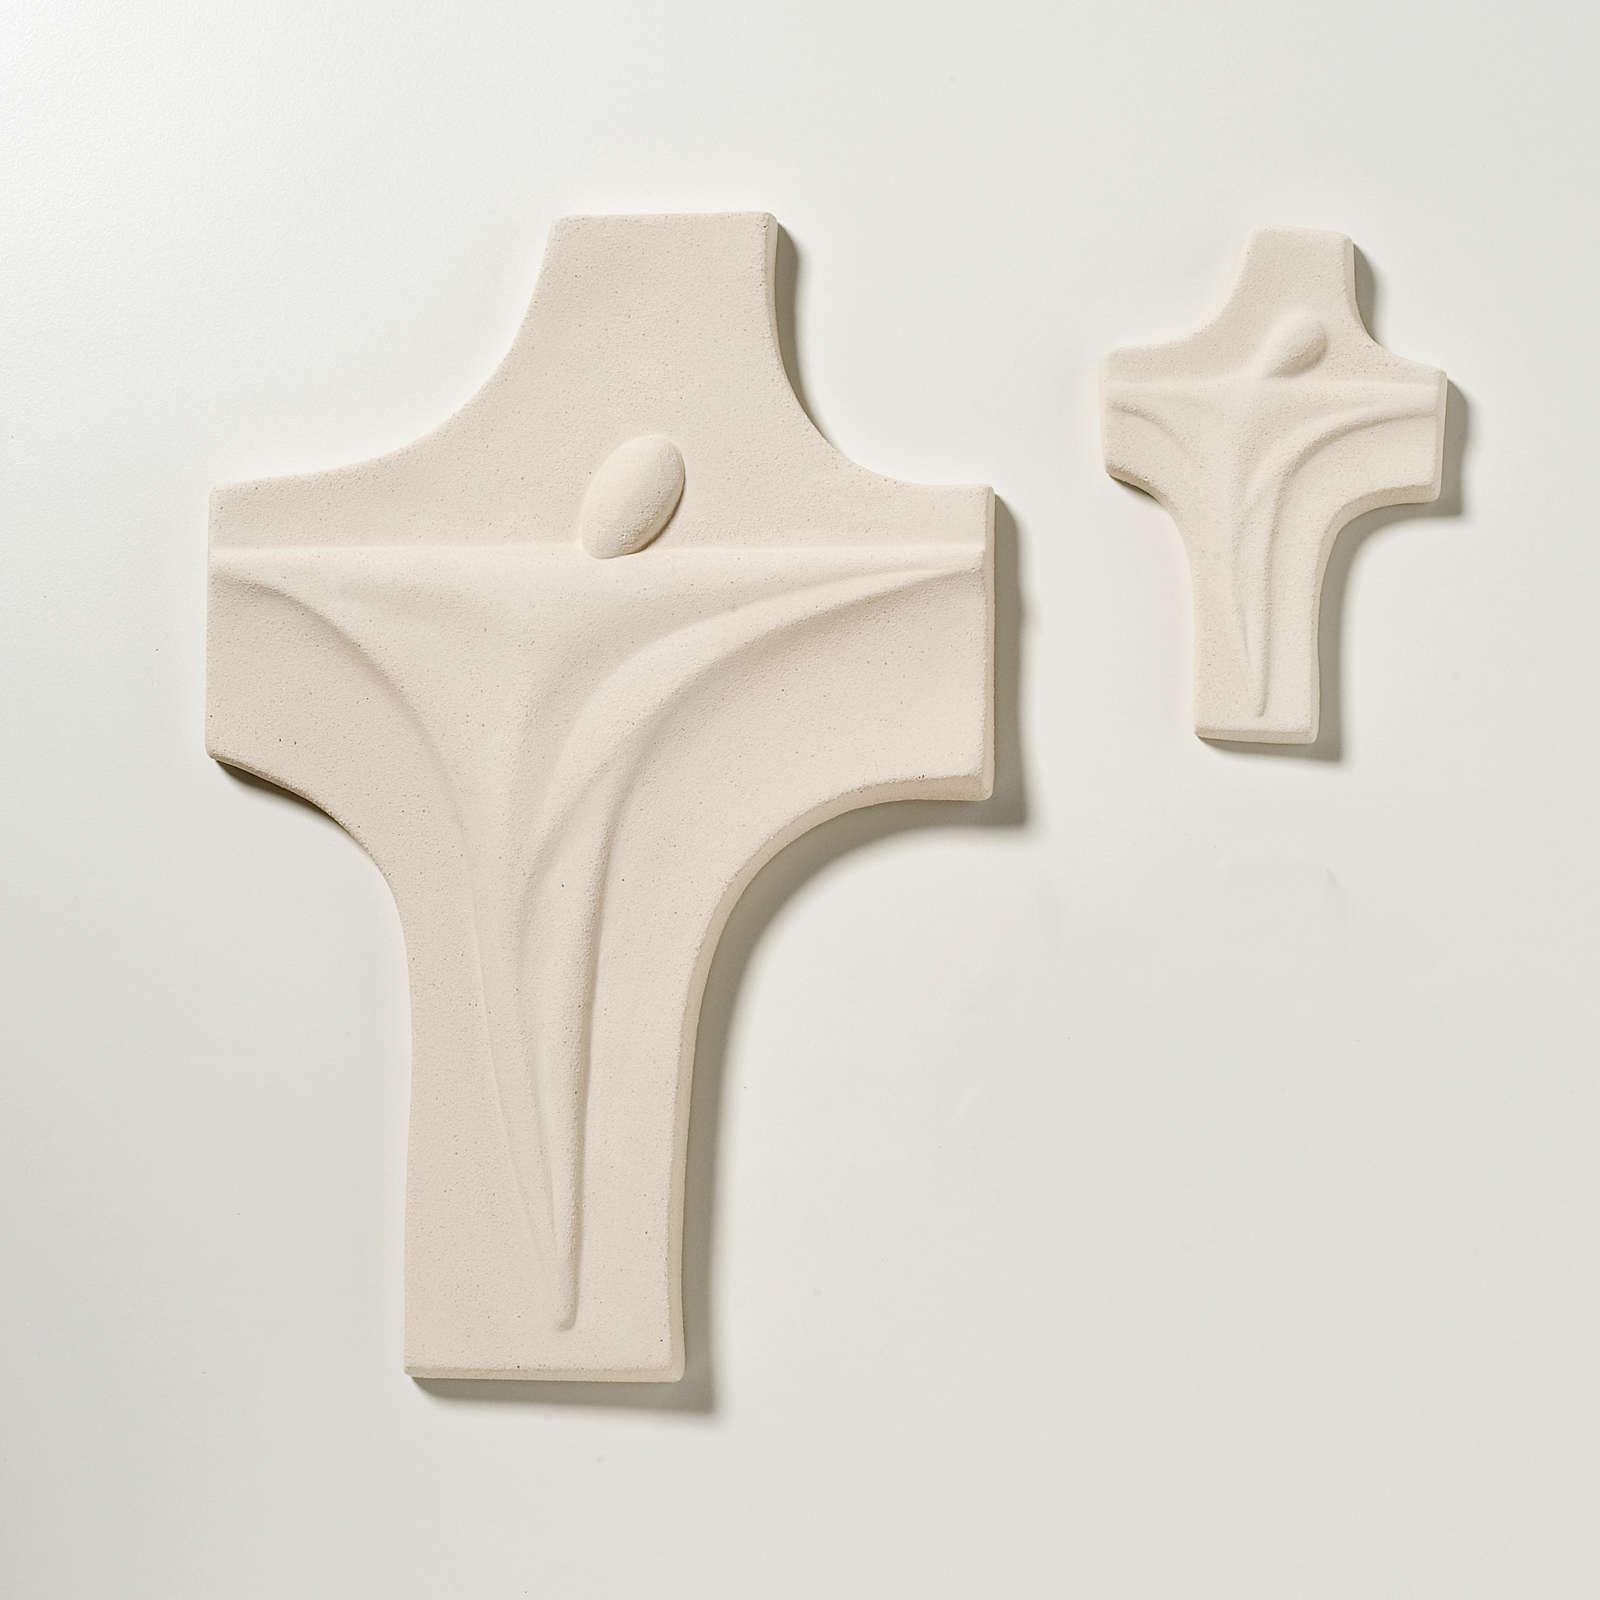 Cristo risorto crocifisso stilizzato argilla bianca 4